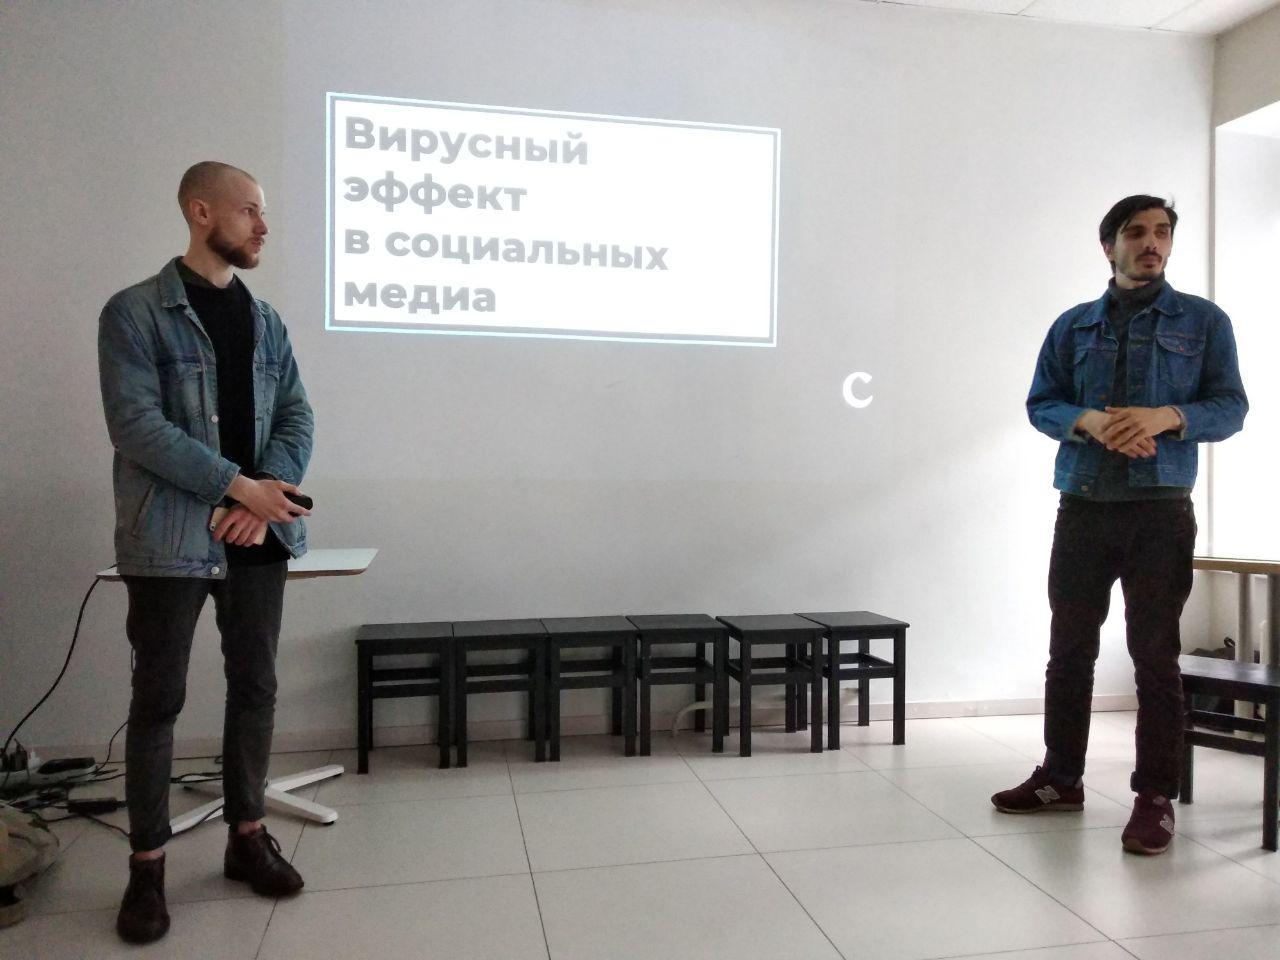 Делегация Узбекистана приняла участие в XI Петербургском молодёжном форуме соотечественников «Русское зарубежье»